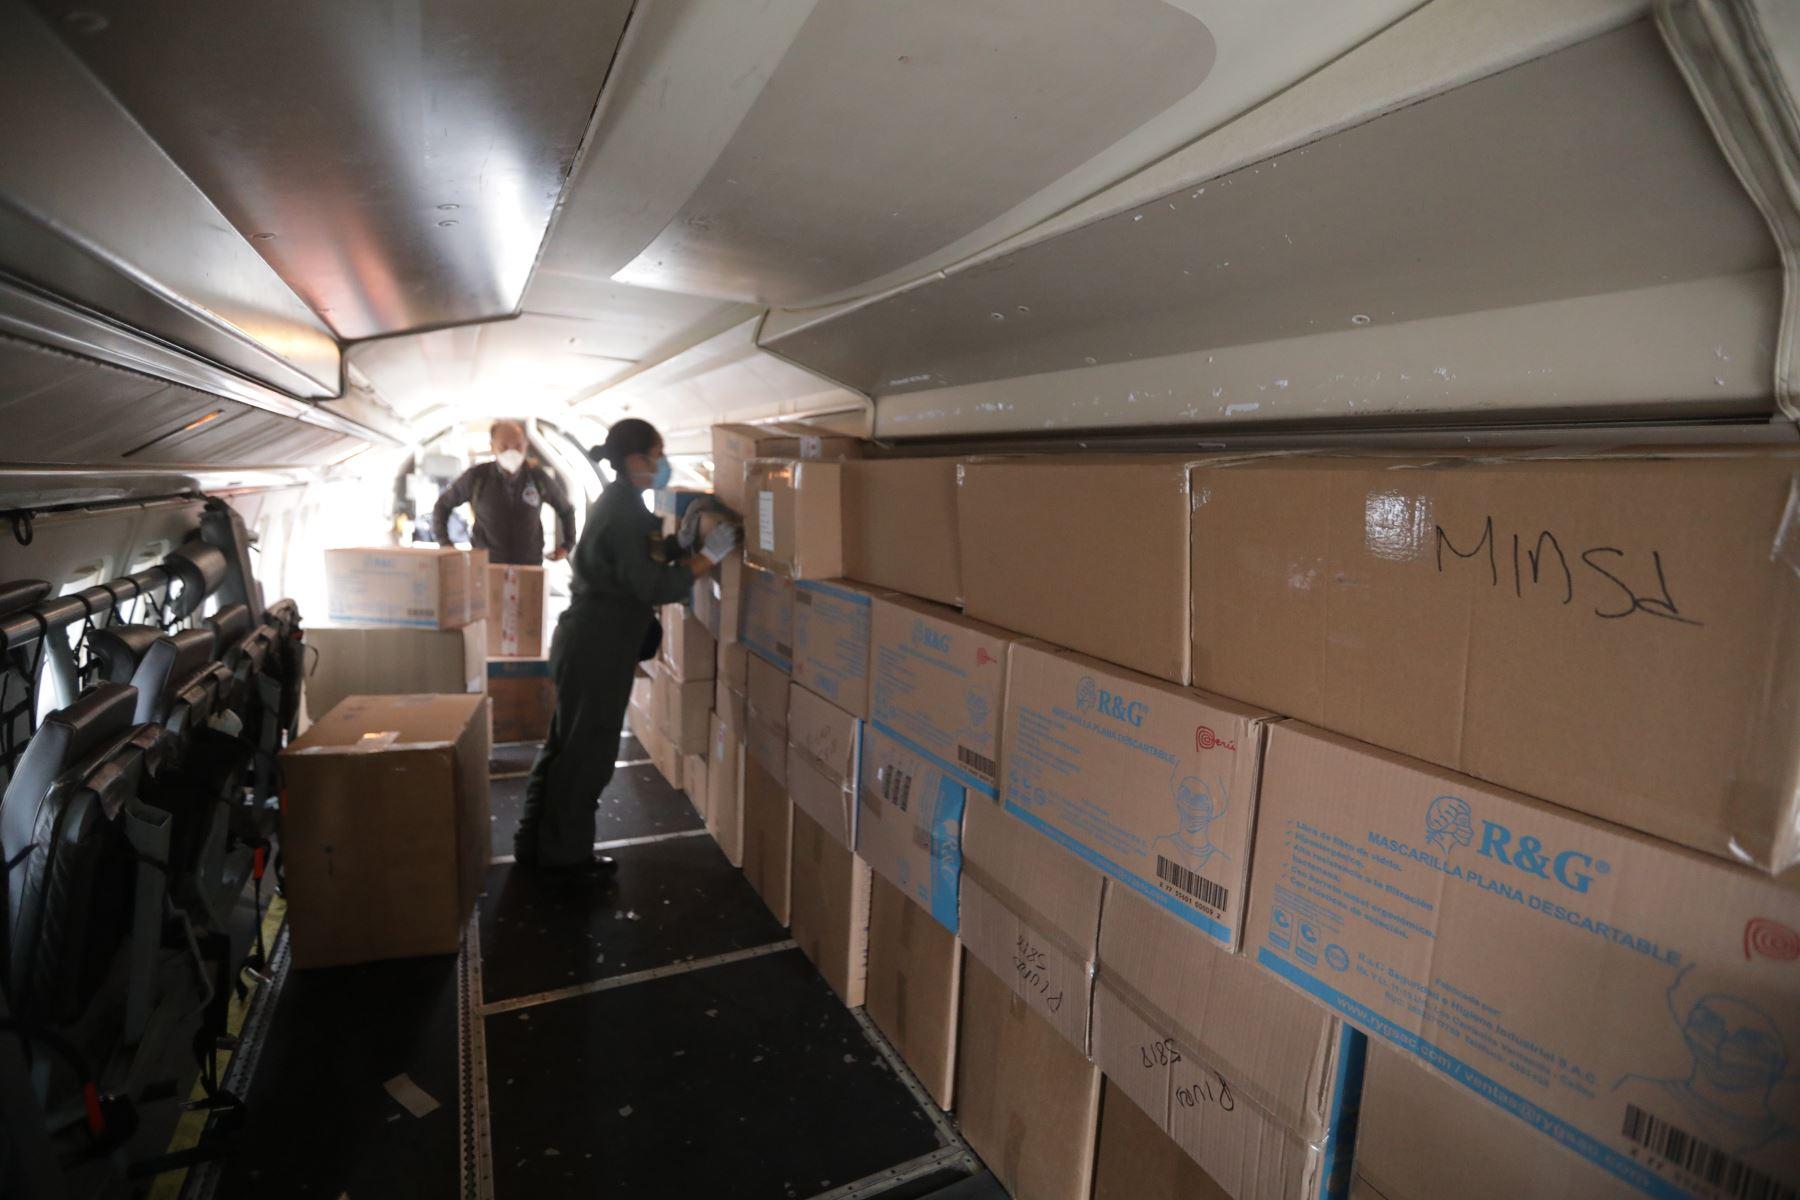 Ministerio de salud envía ventiladores y 28,890 equipos de protección personal a Piura. Foto: MINSA